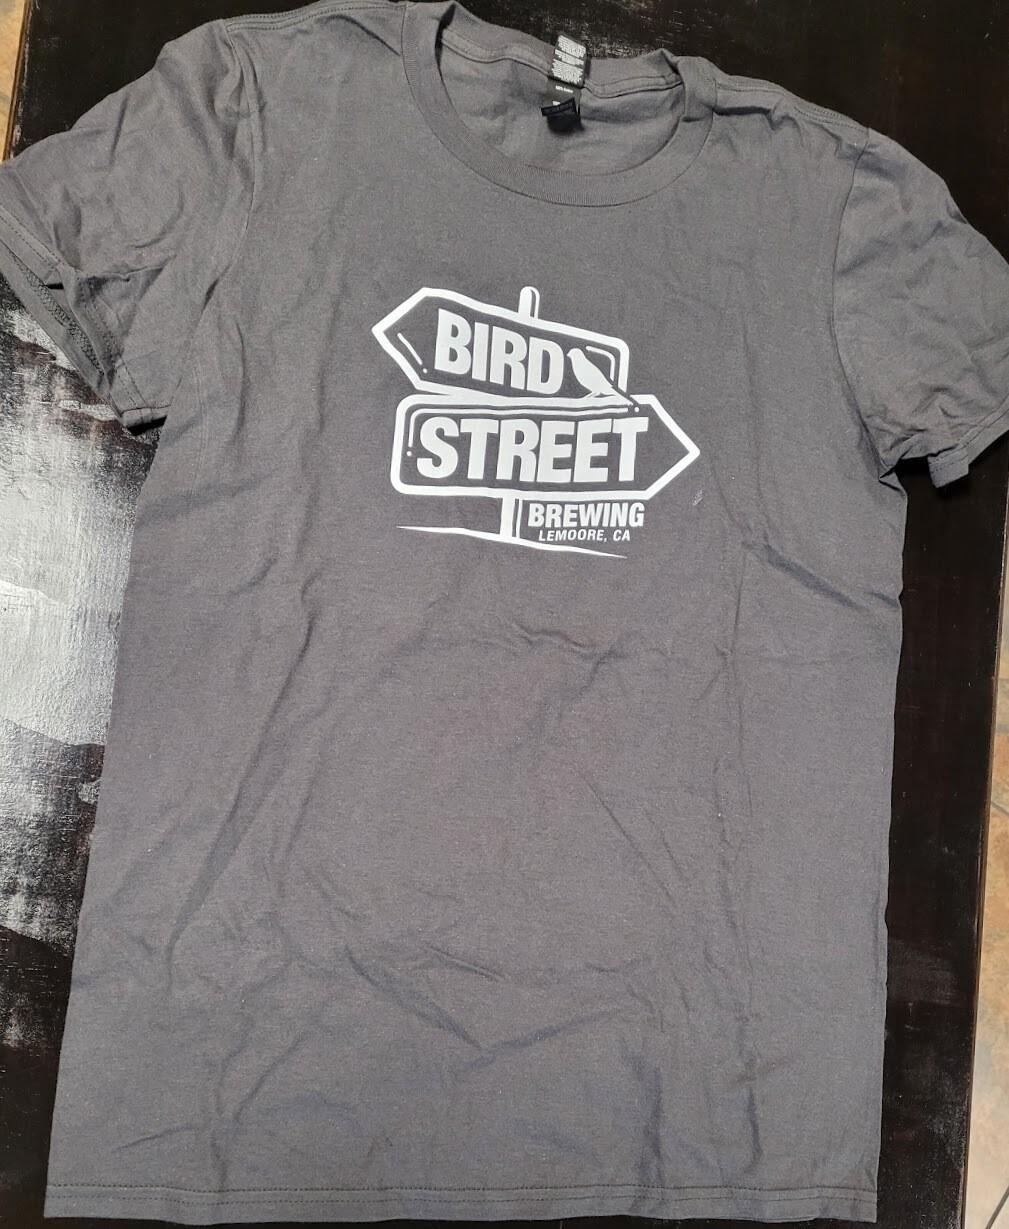 Unisex Short Sleeve Shirt (Grey)